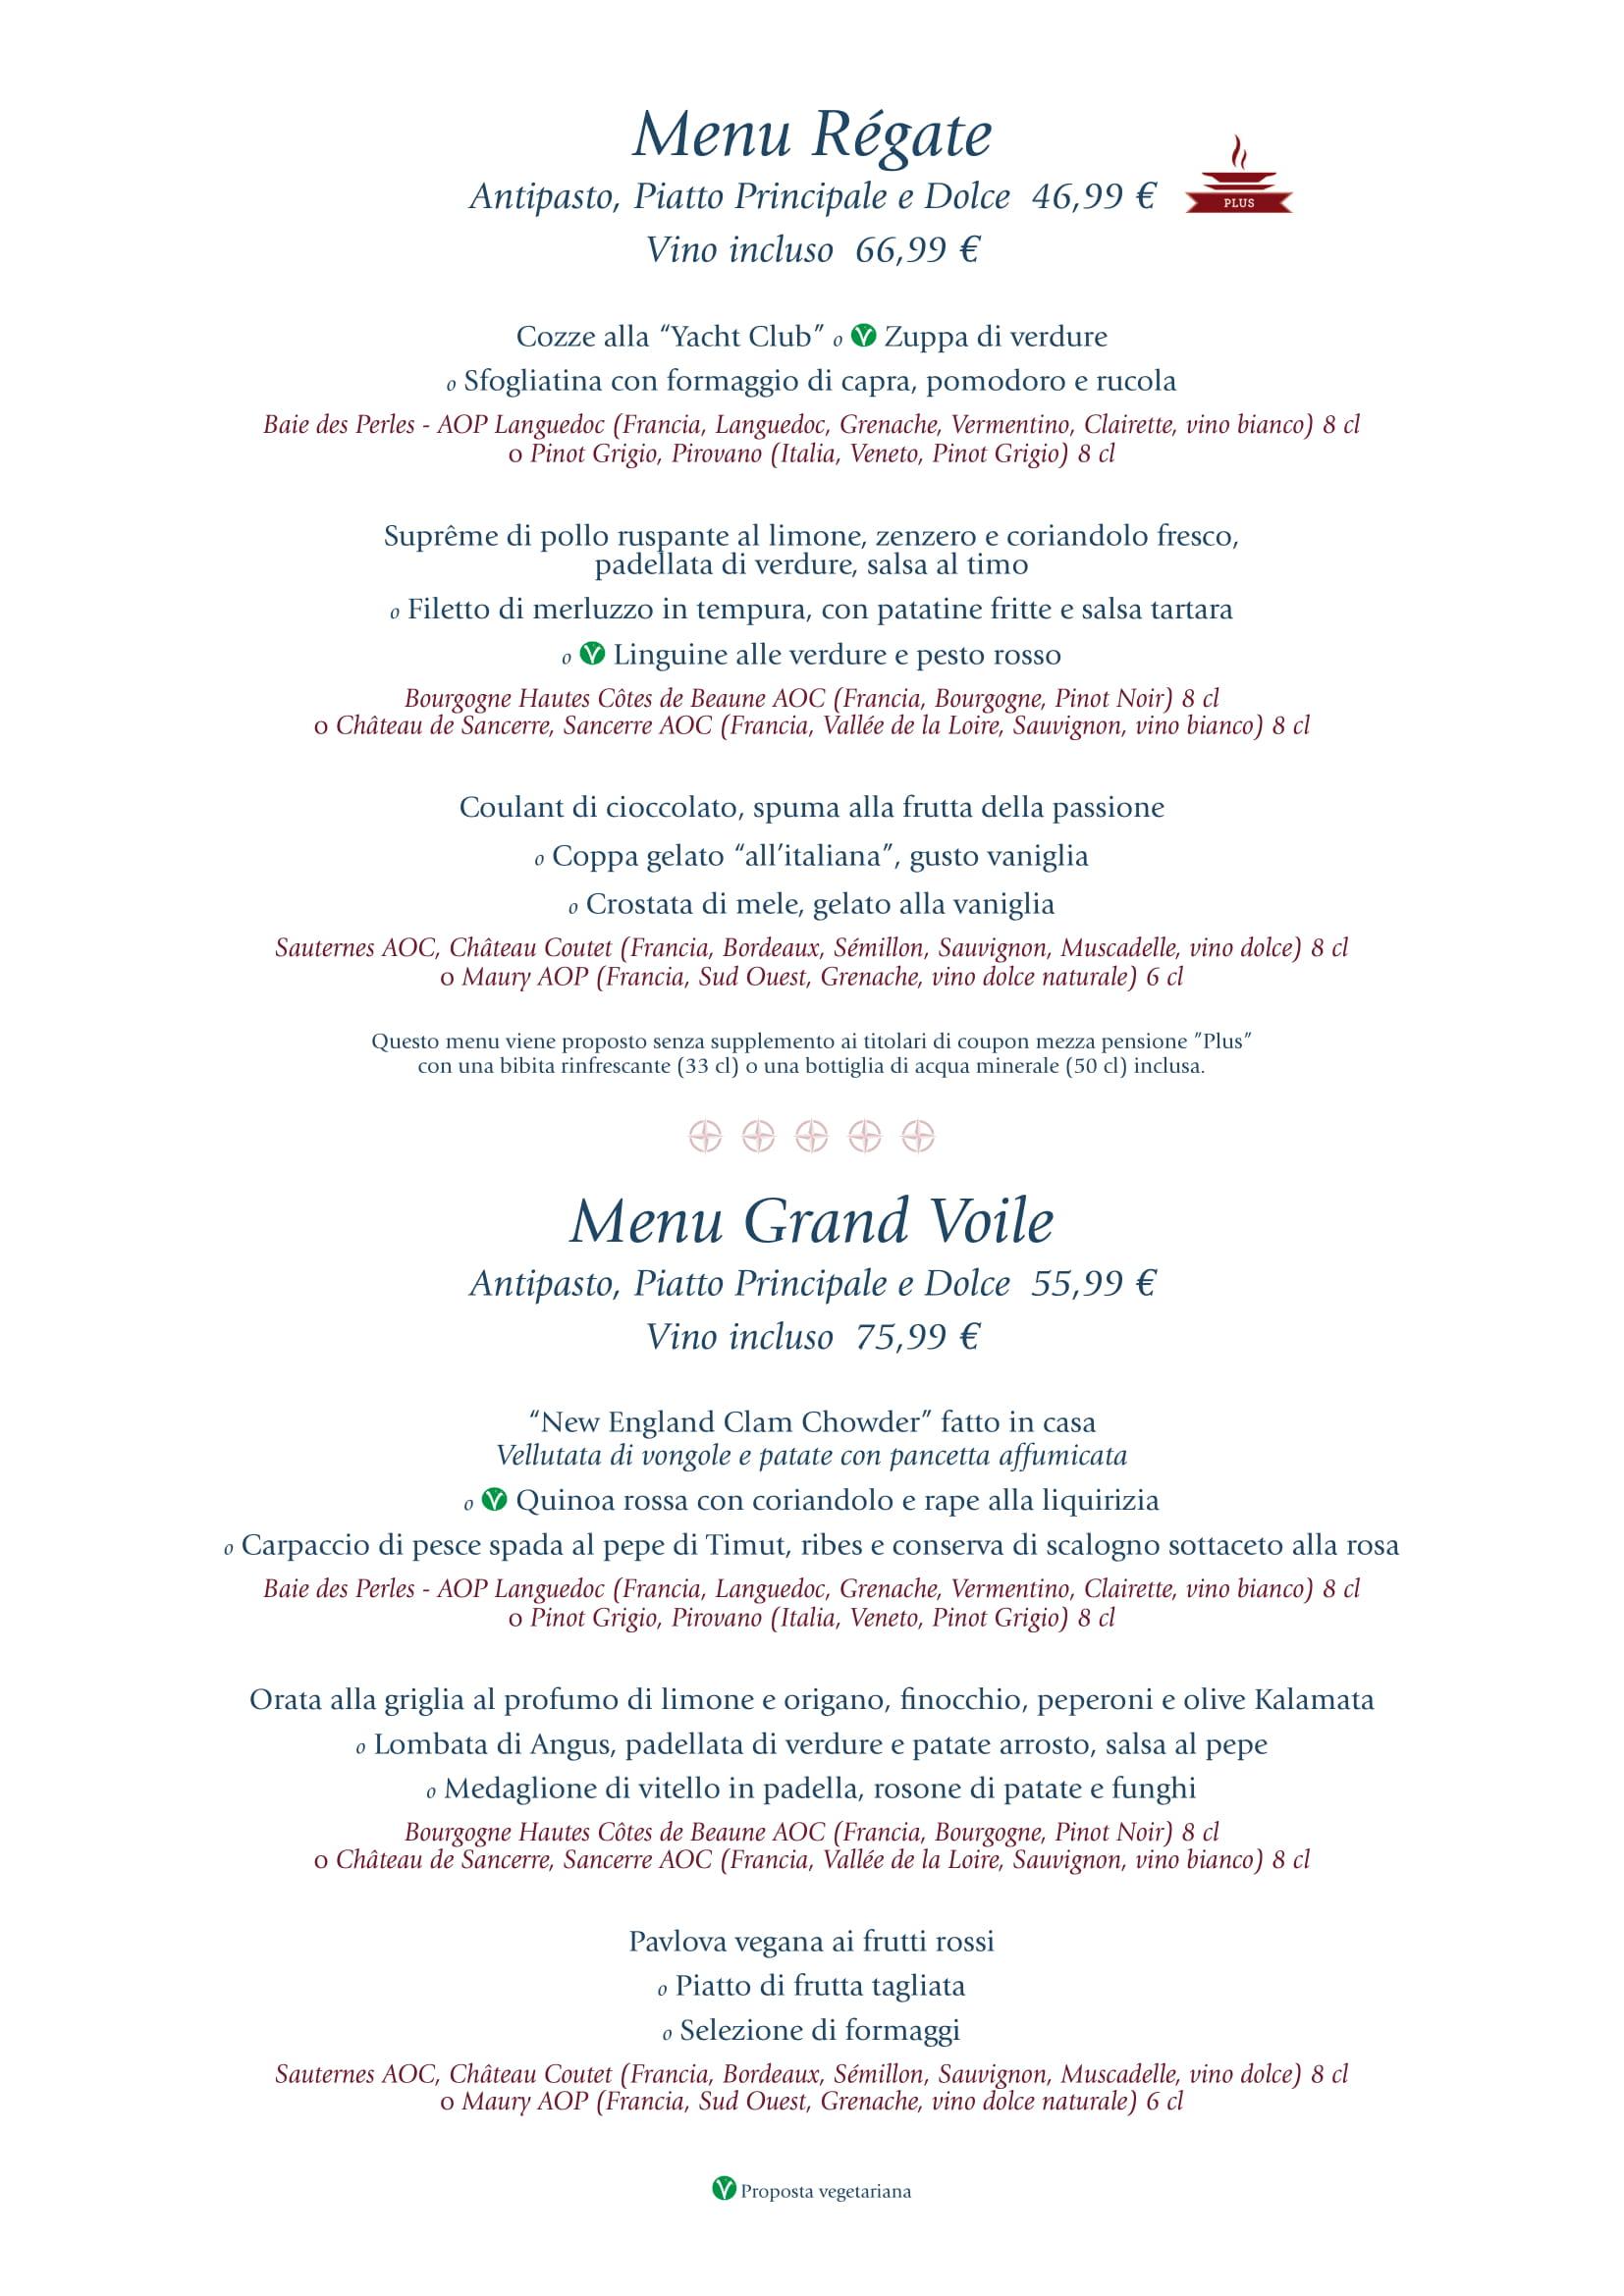 Menu ristoranti servizio al Tavolo - Pagina 2 Yacht-15